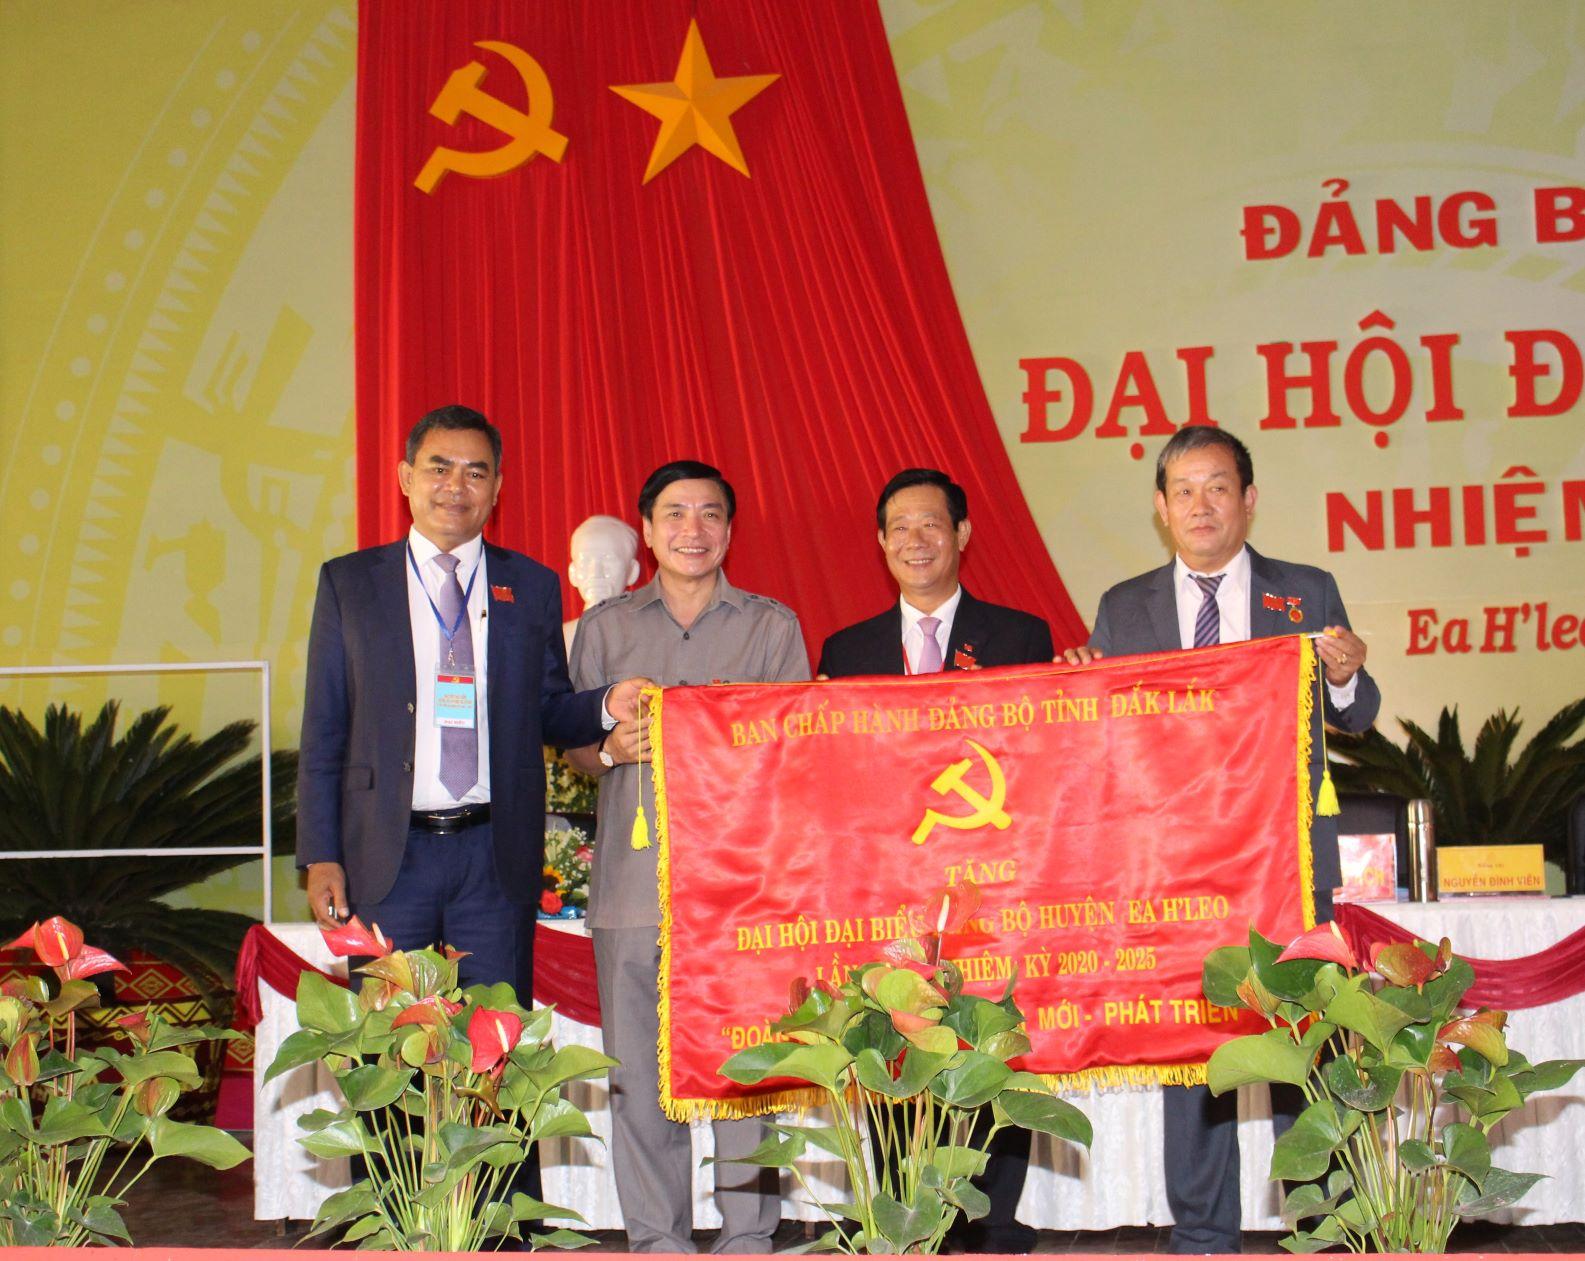 Đại hội đại biểu Đảng bộ huyện Ea H'leo lần thứ XI, nhiệm kỳ 2020 - 2025